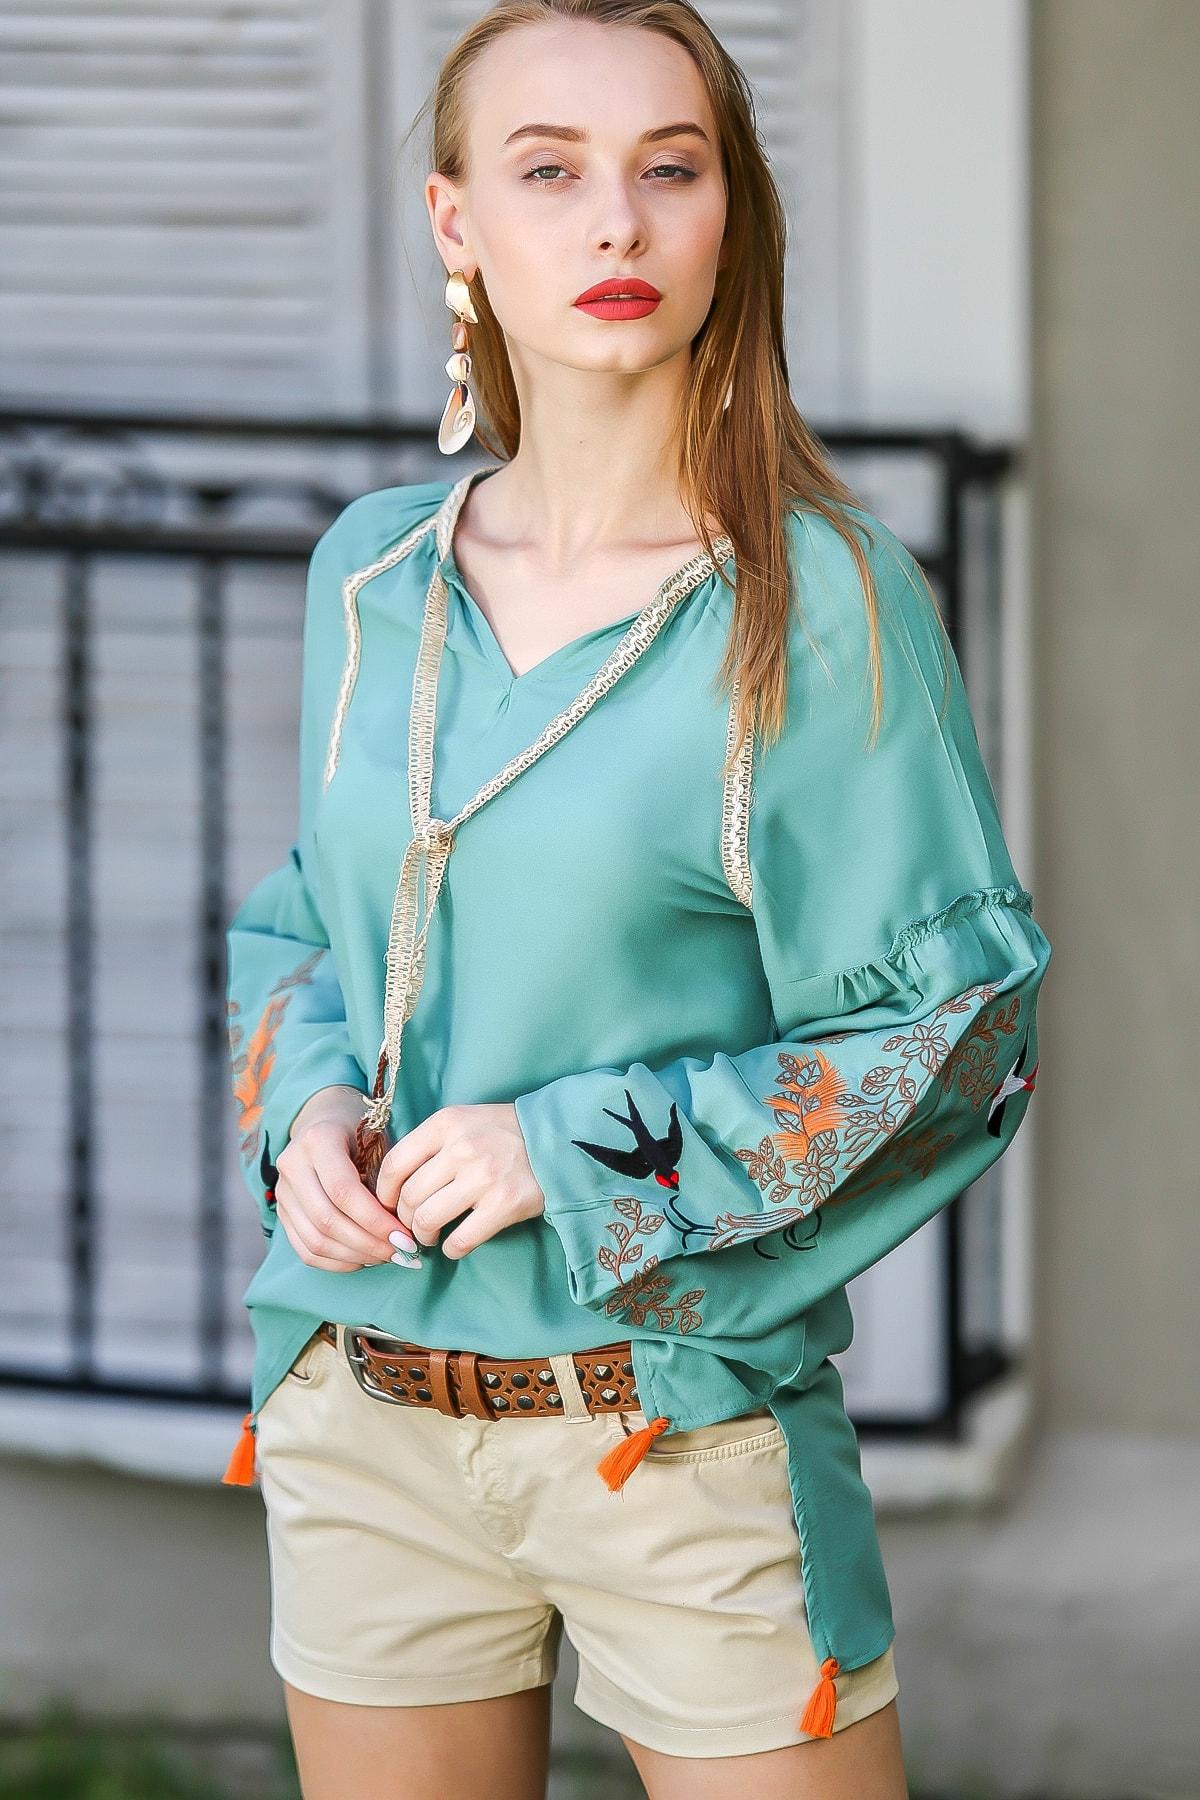 Chiccy Kadın Yeşil Vintage Kolları Kırlangıç Nakışlı Bağlama Detaylı Bluz M10010200Bl96078